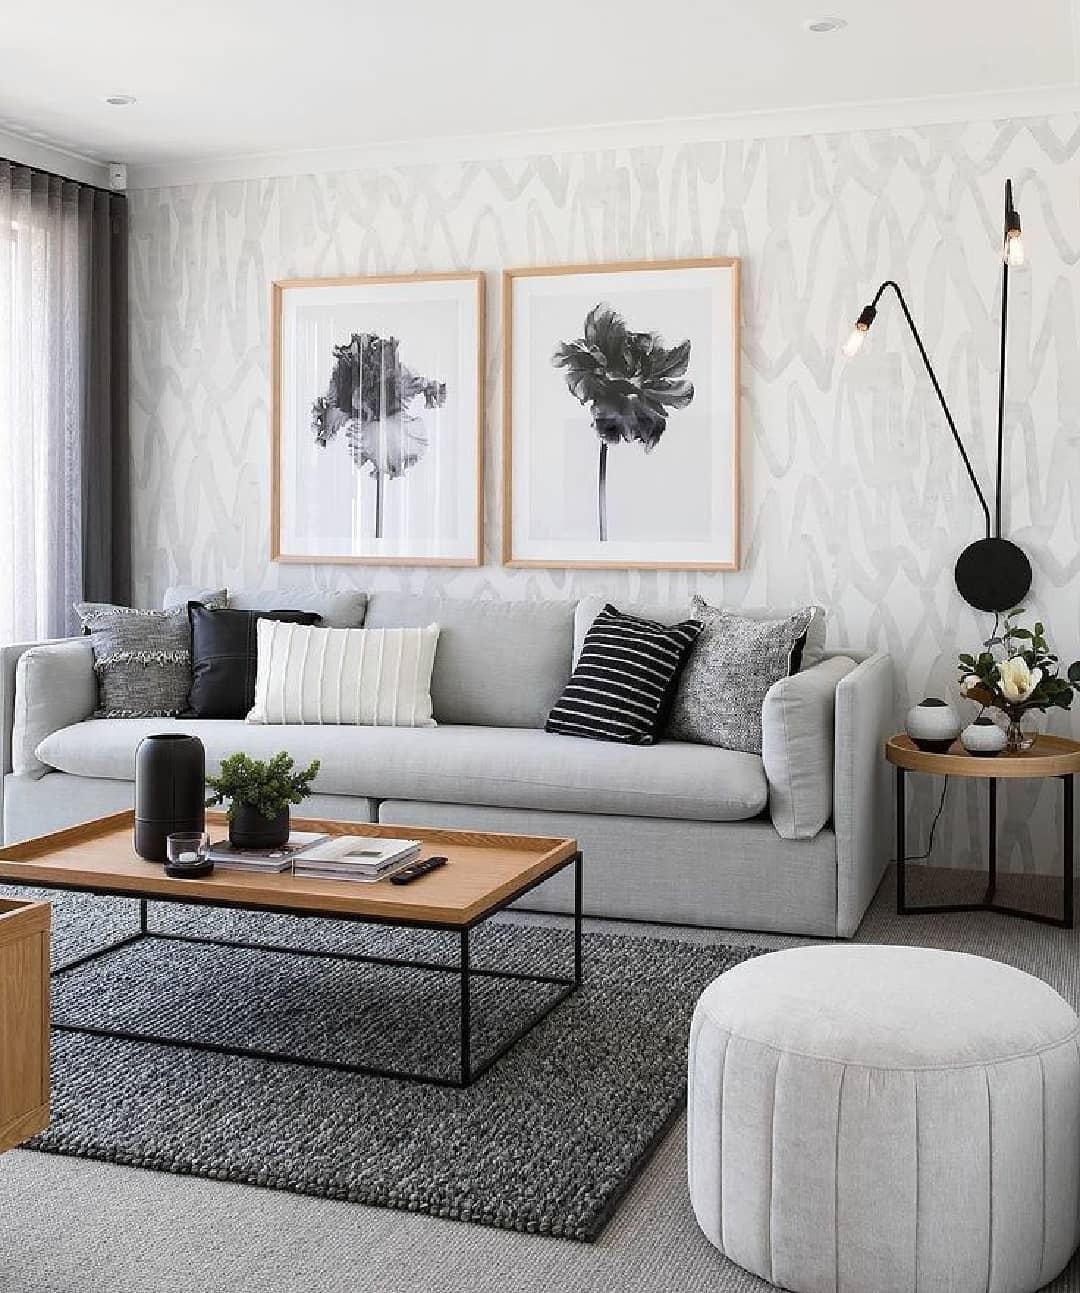 sofa cinza moderno em sala decorada